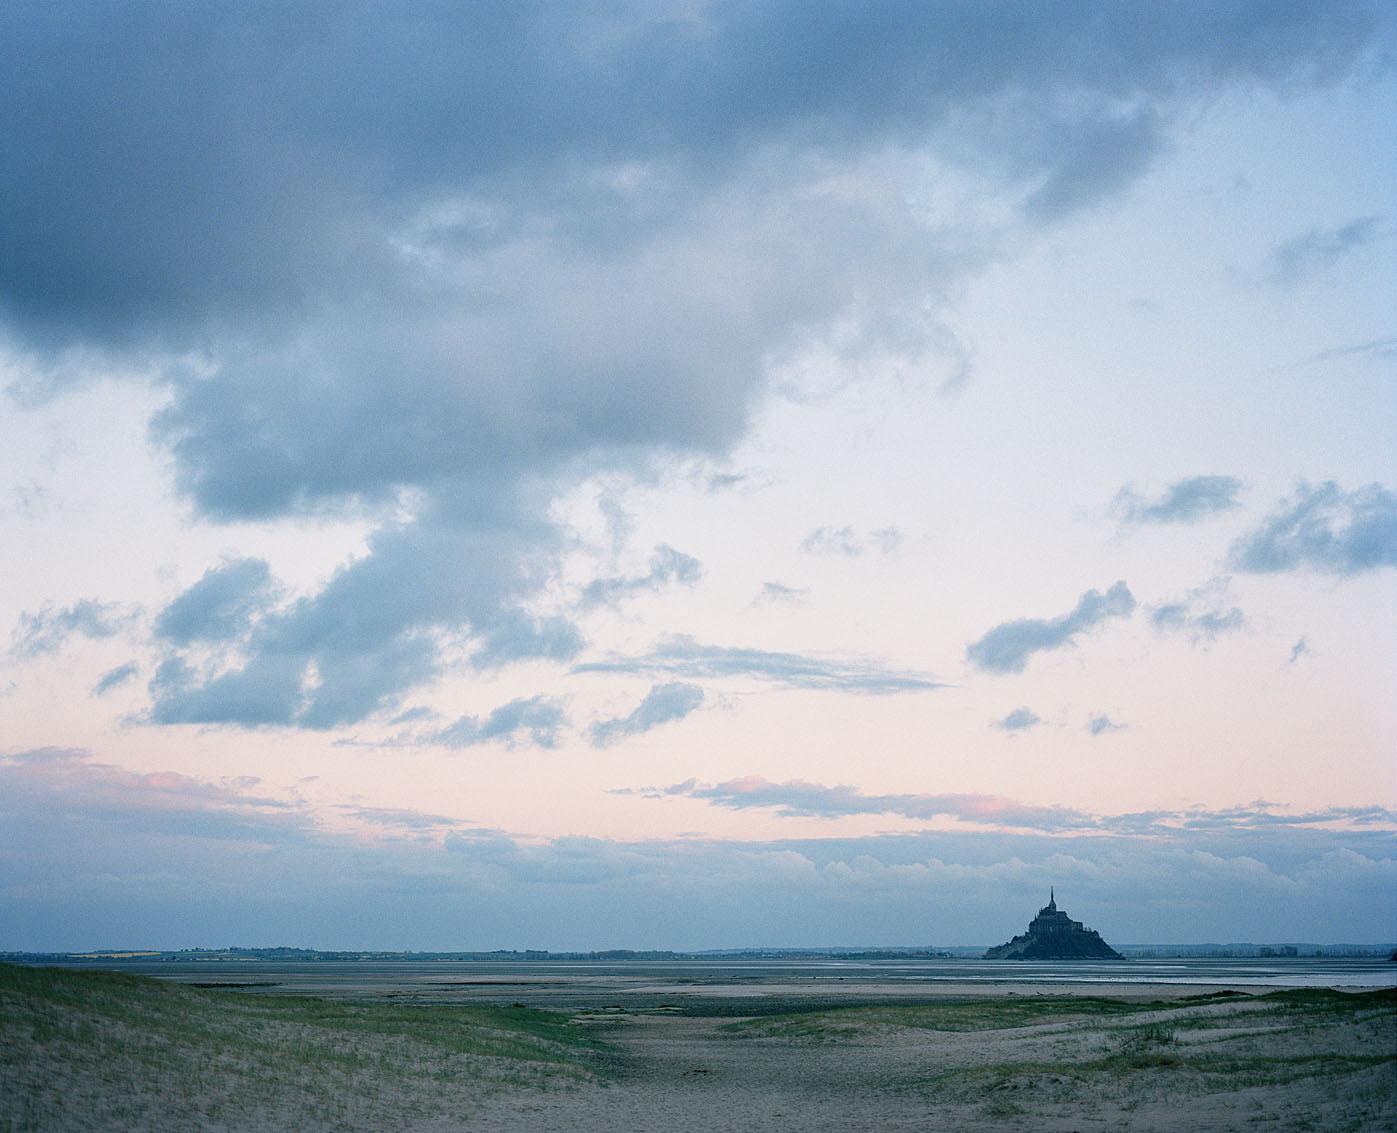 La baie du Mont Saint-Michel, la Manche.